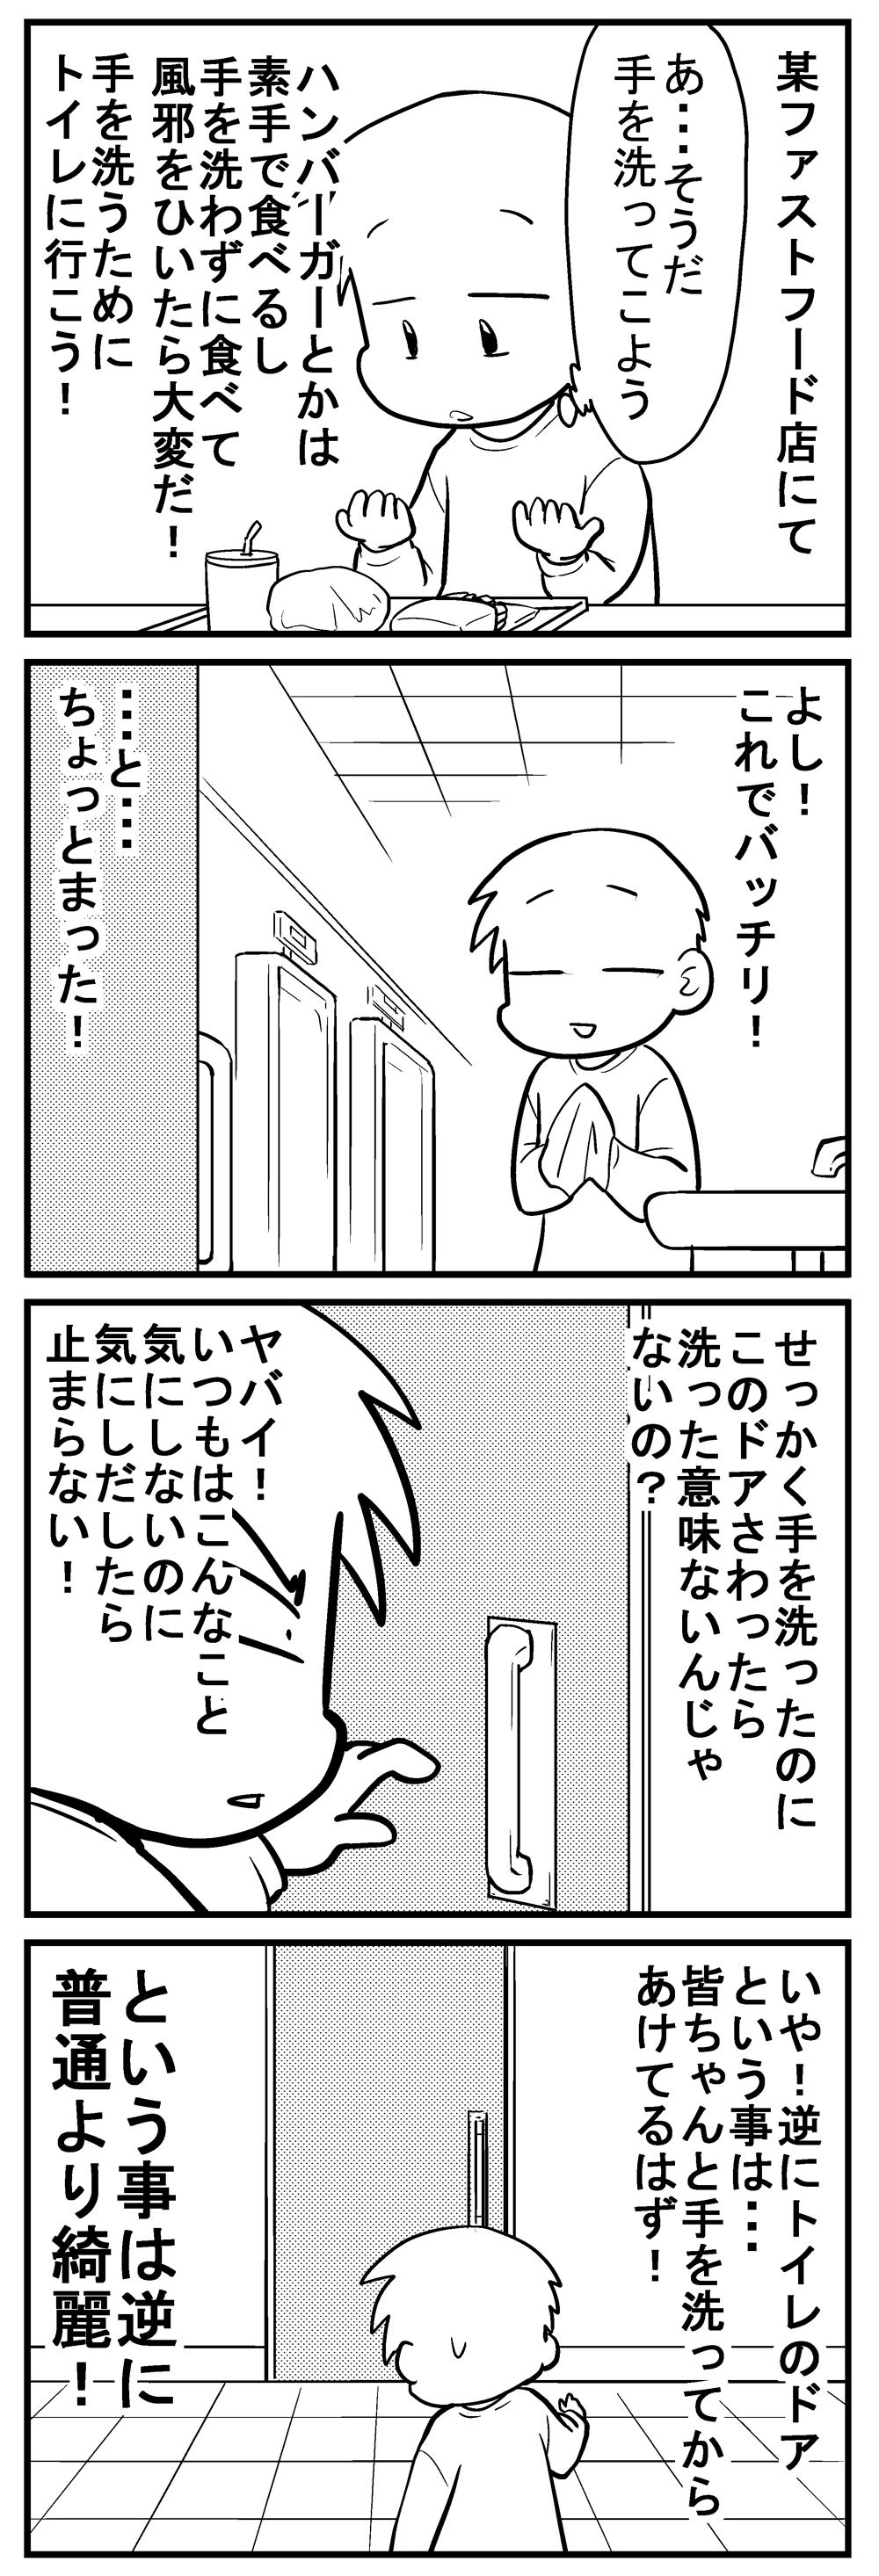 深読みくん114 1